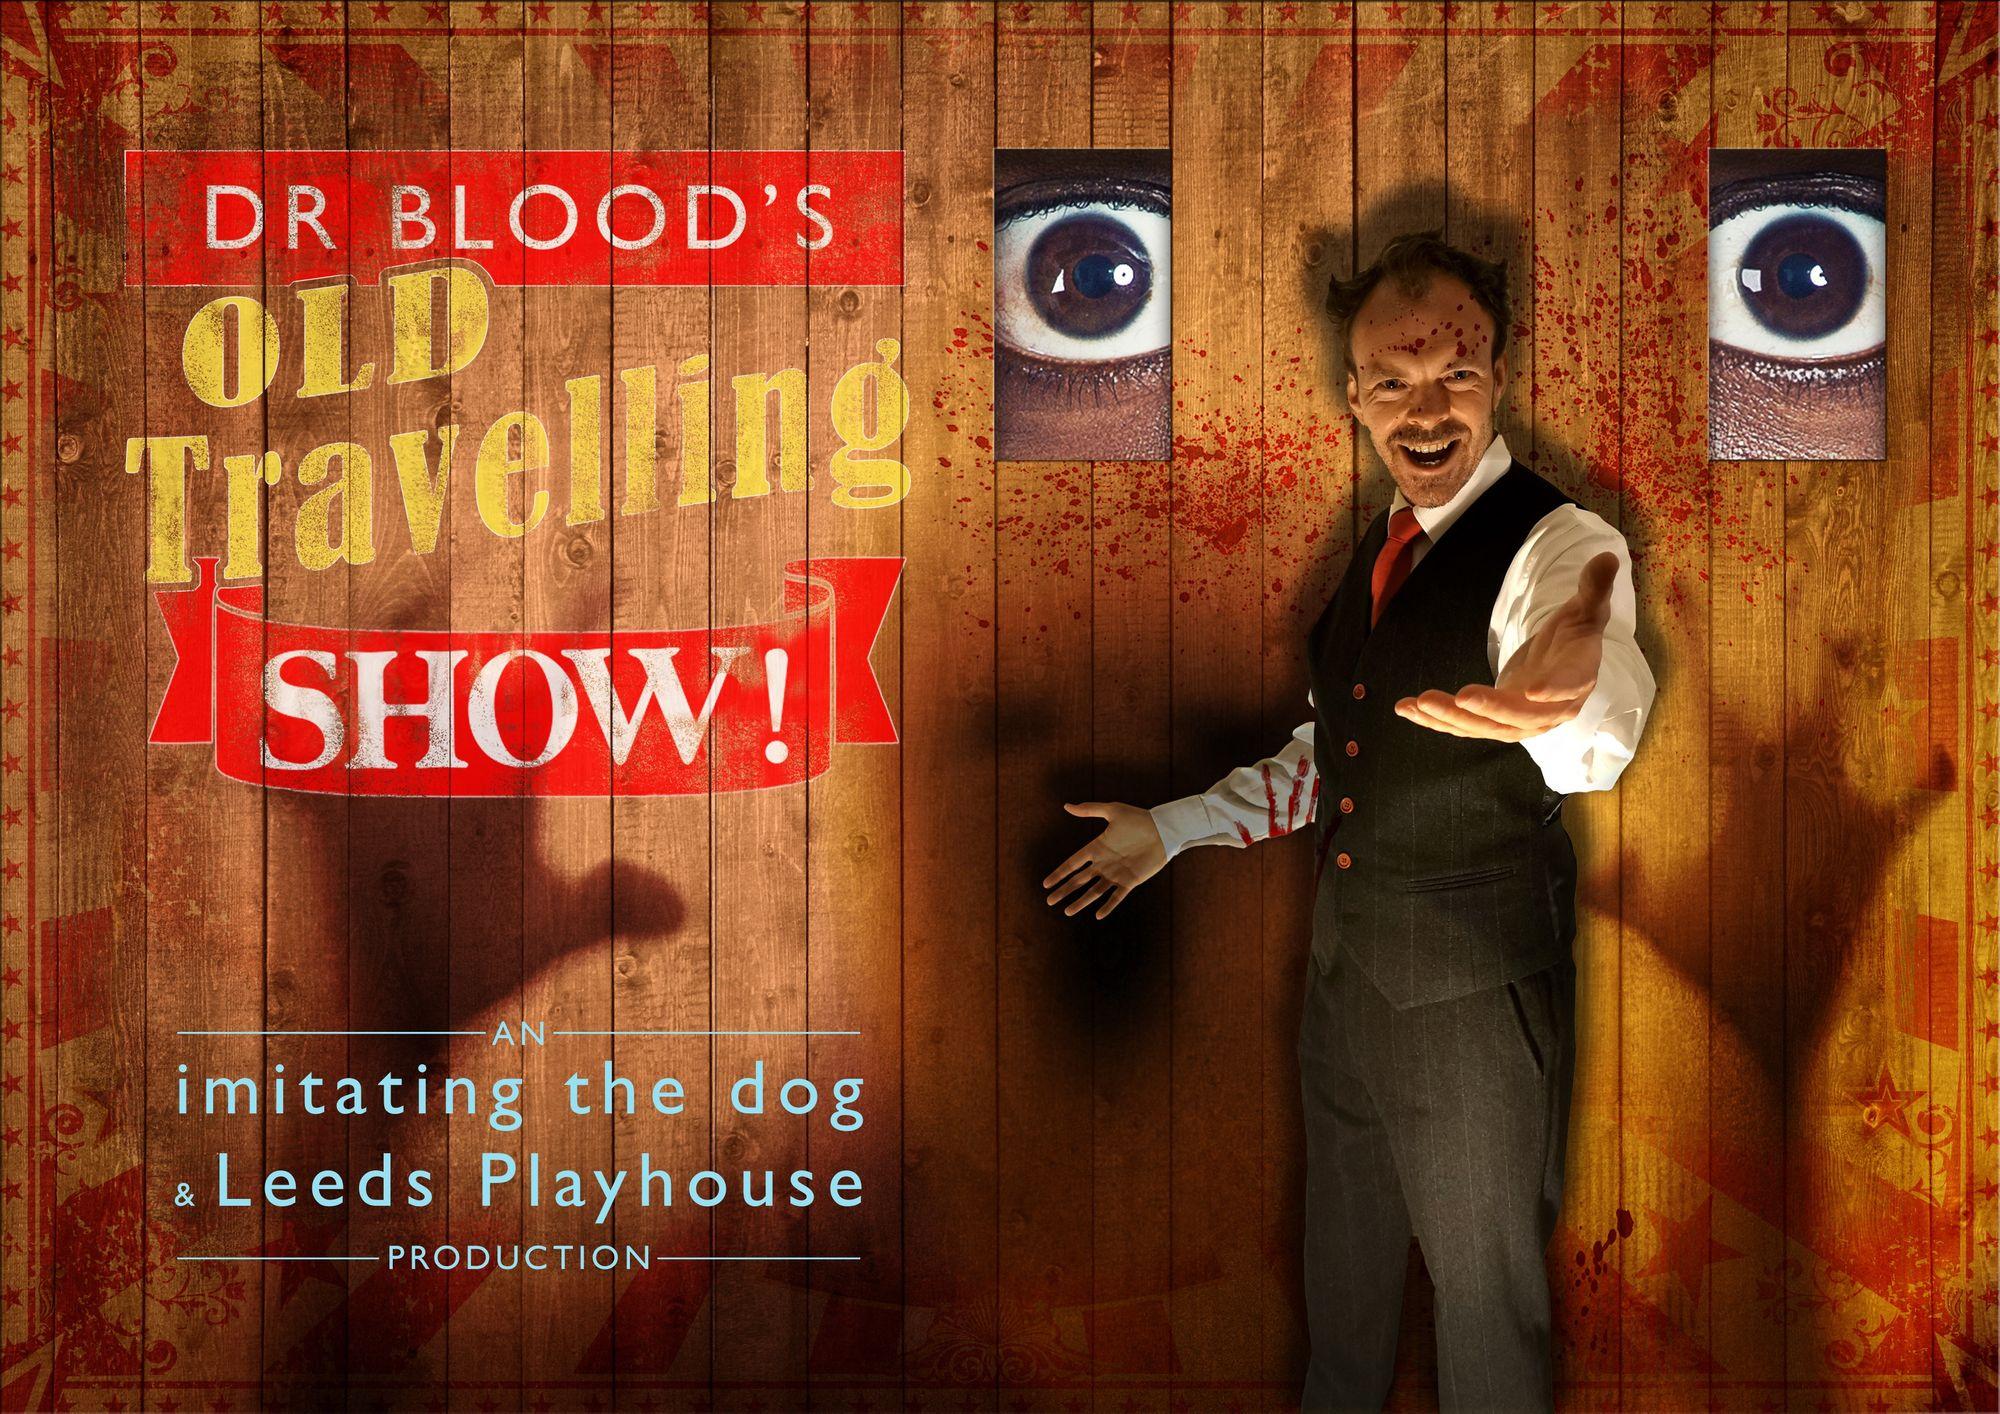 Dr-Blood---PR-image-TEXT---LANDSCAPE--3-